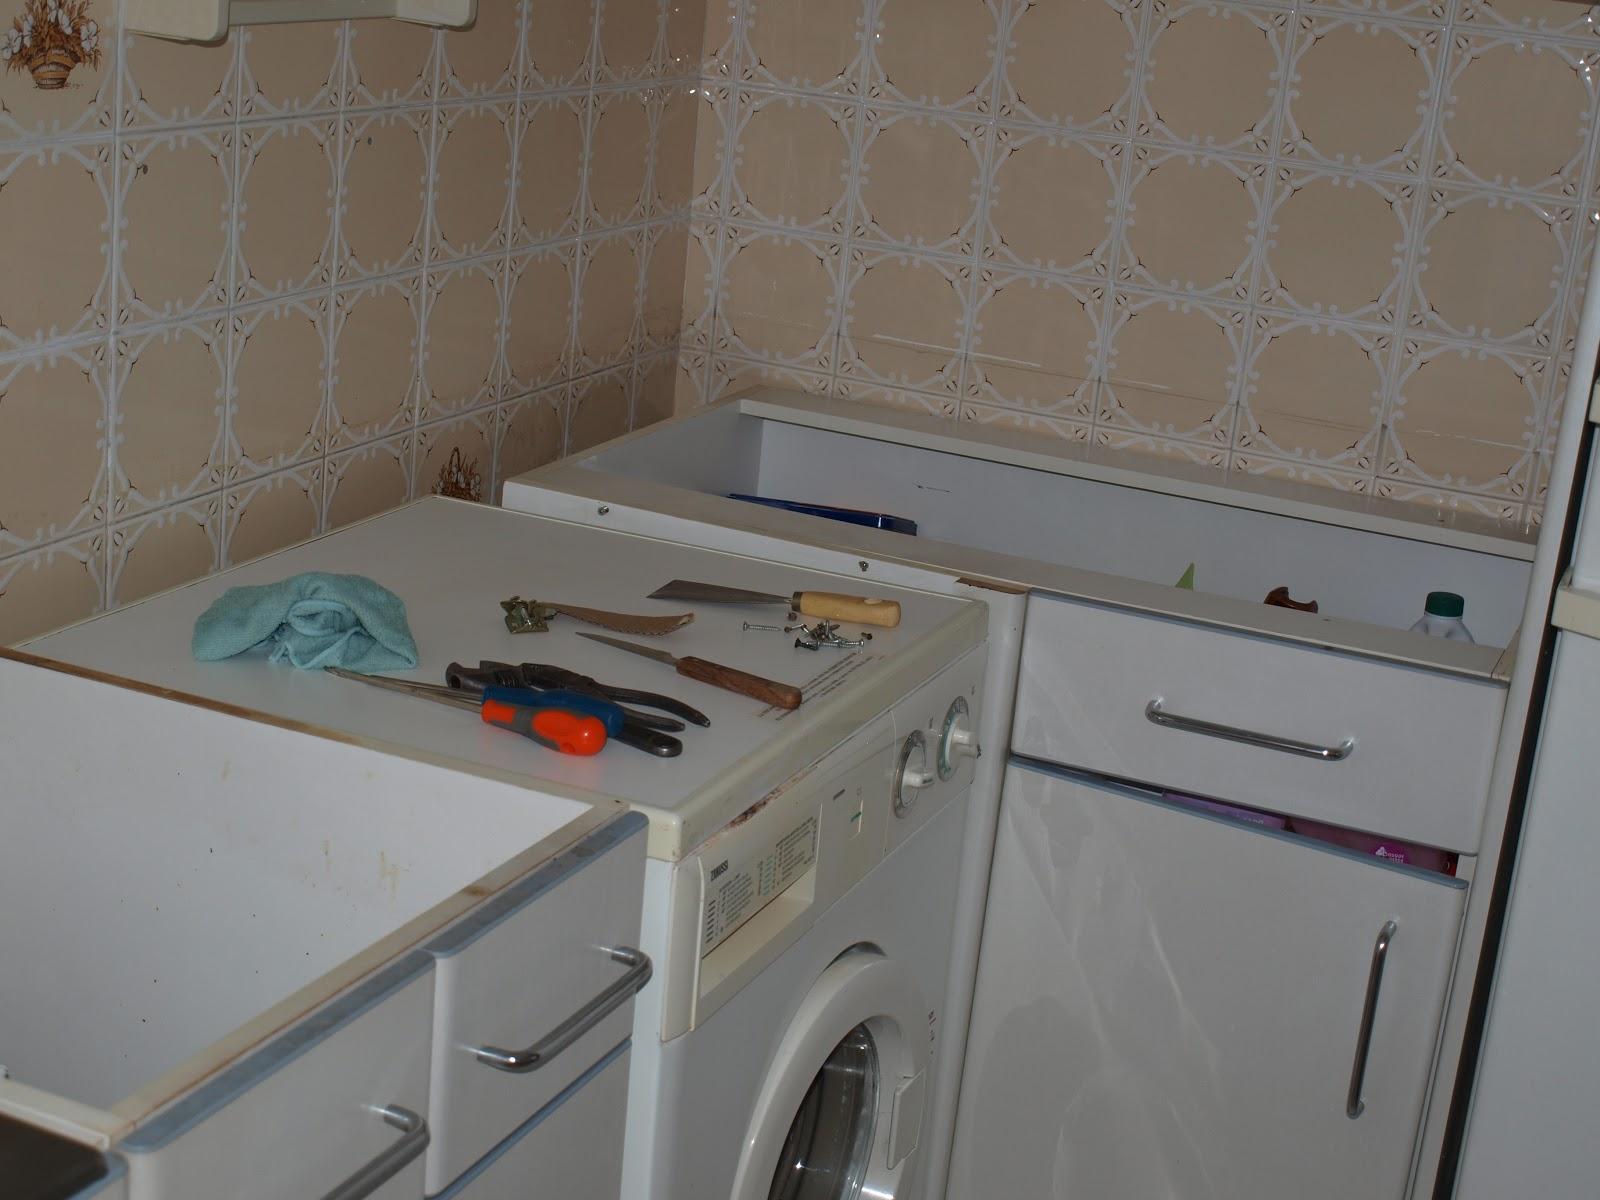 El resultado de mi imaginaci n encimera de la cocina 1 parte for Grifo cocina pared 11 cm